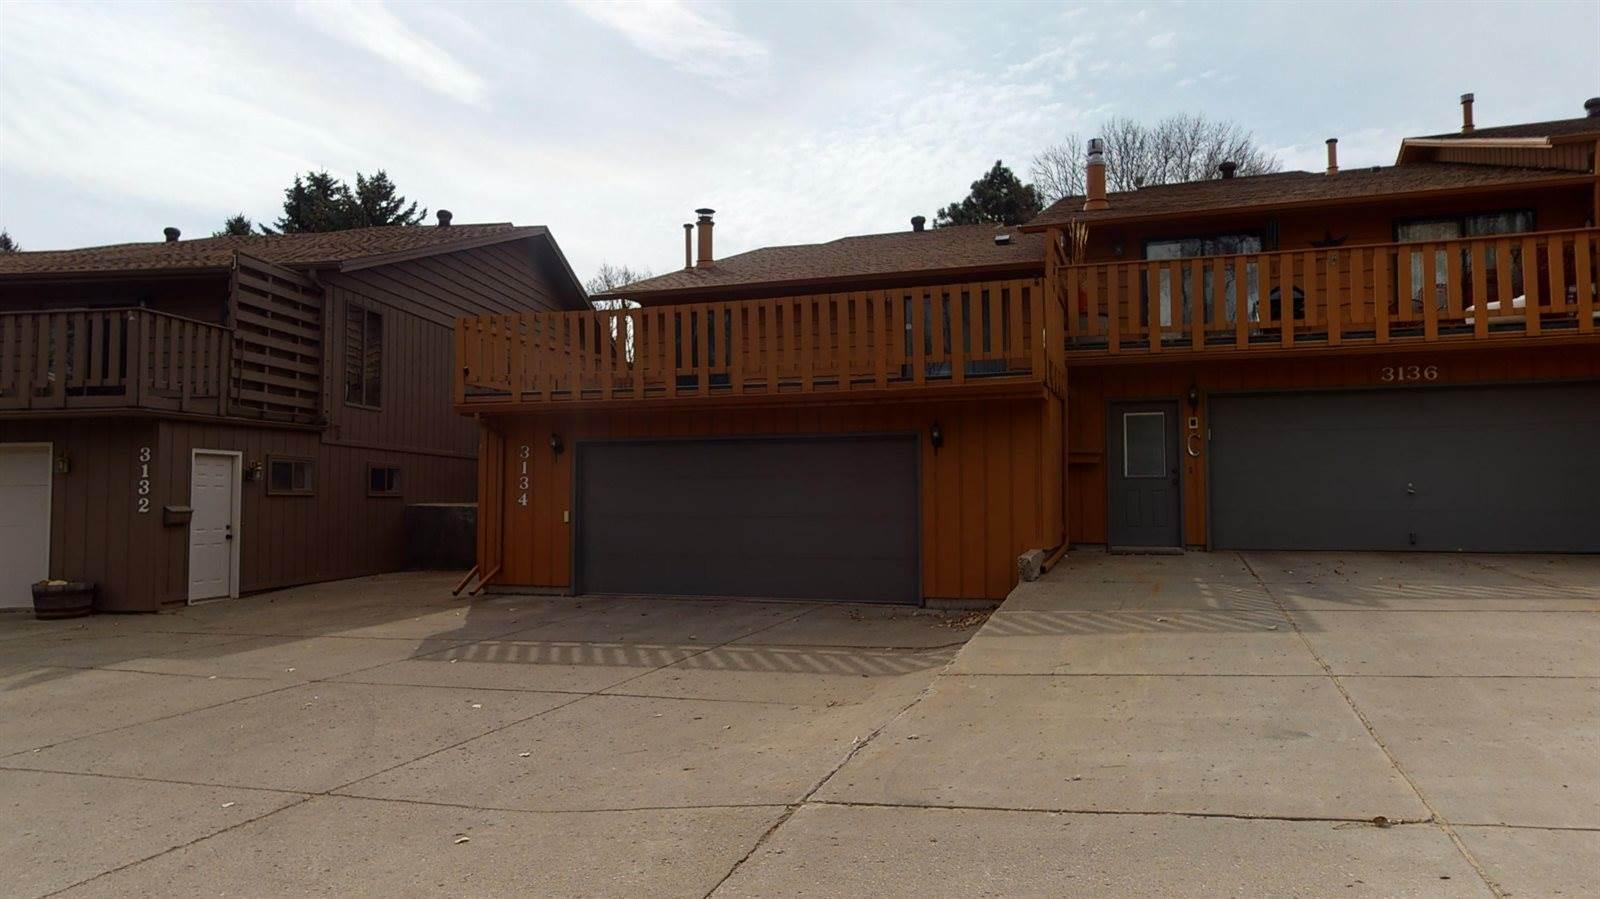 3134 Manitoba Lane, Bismarck, ND 58503